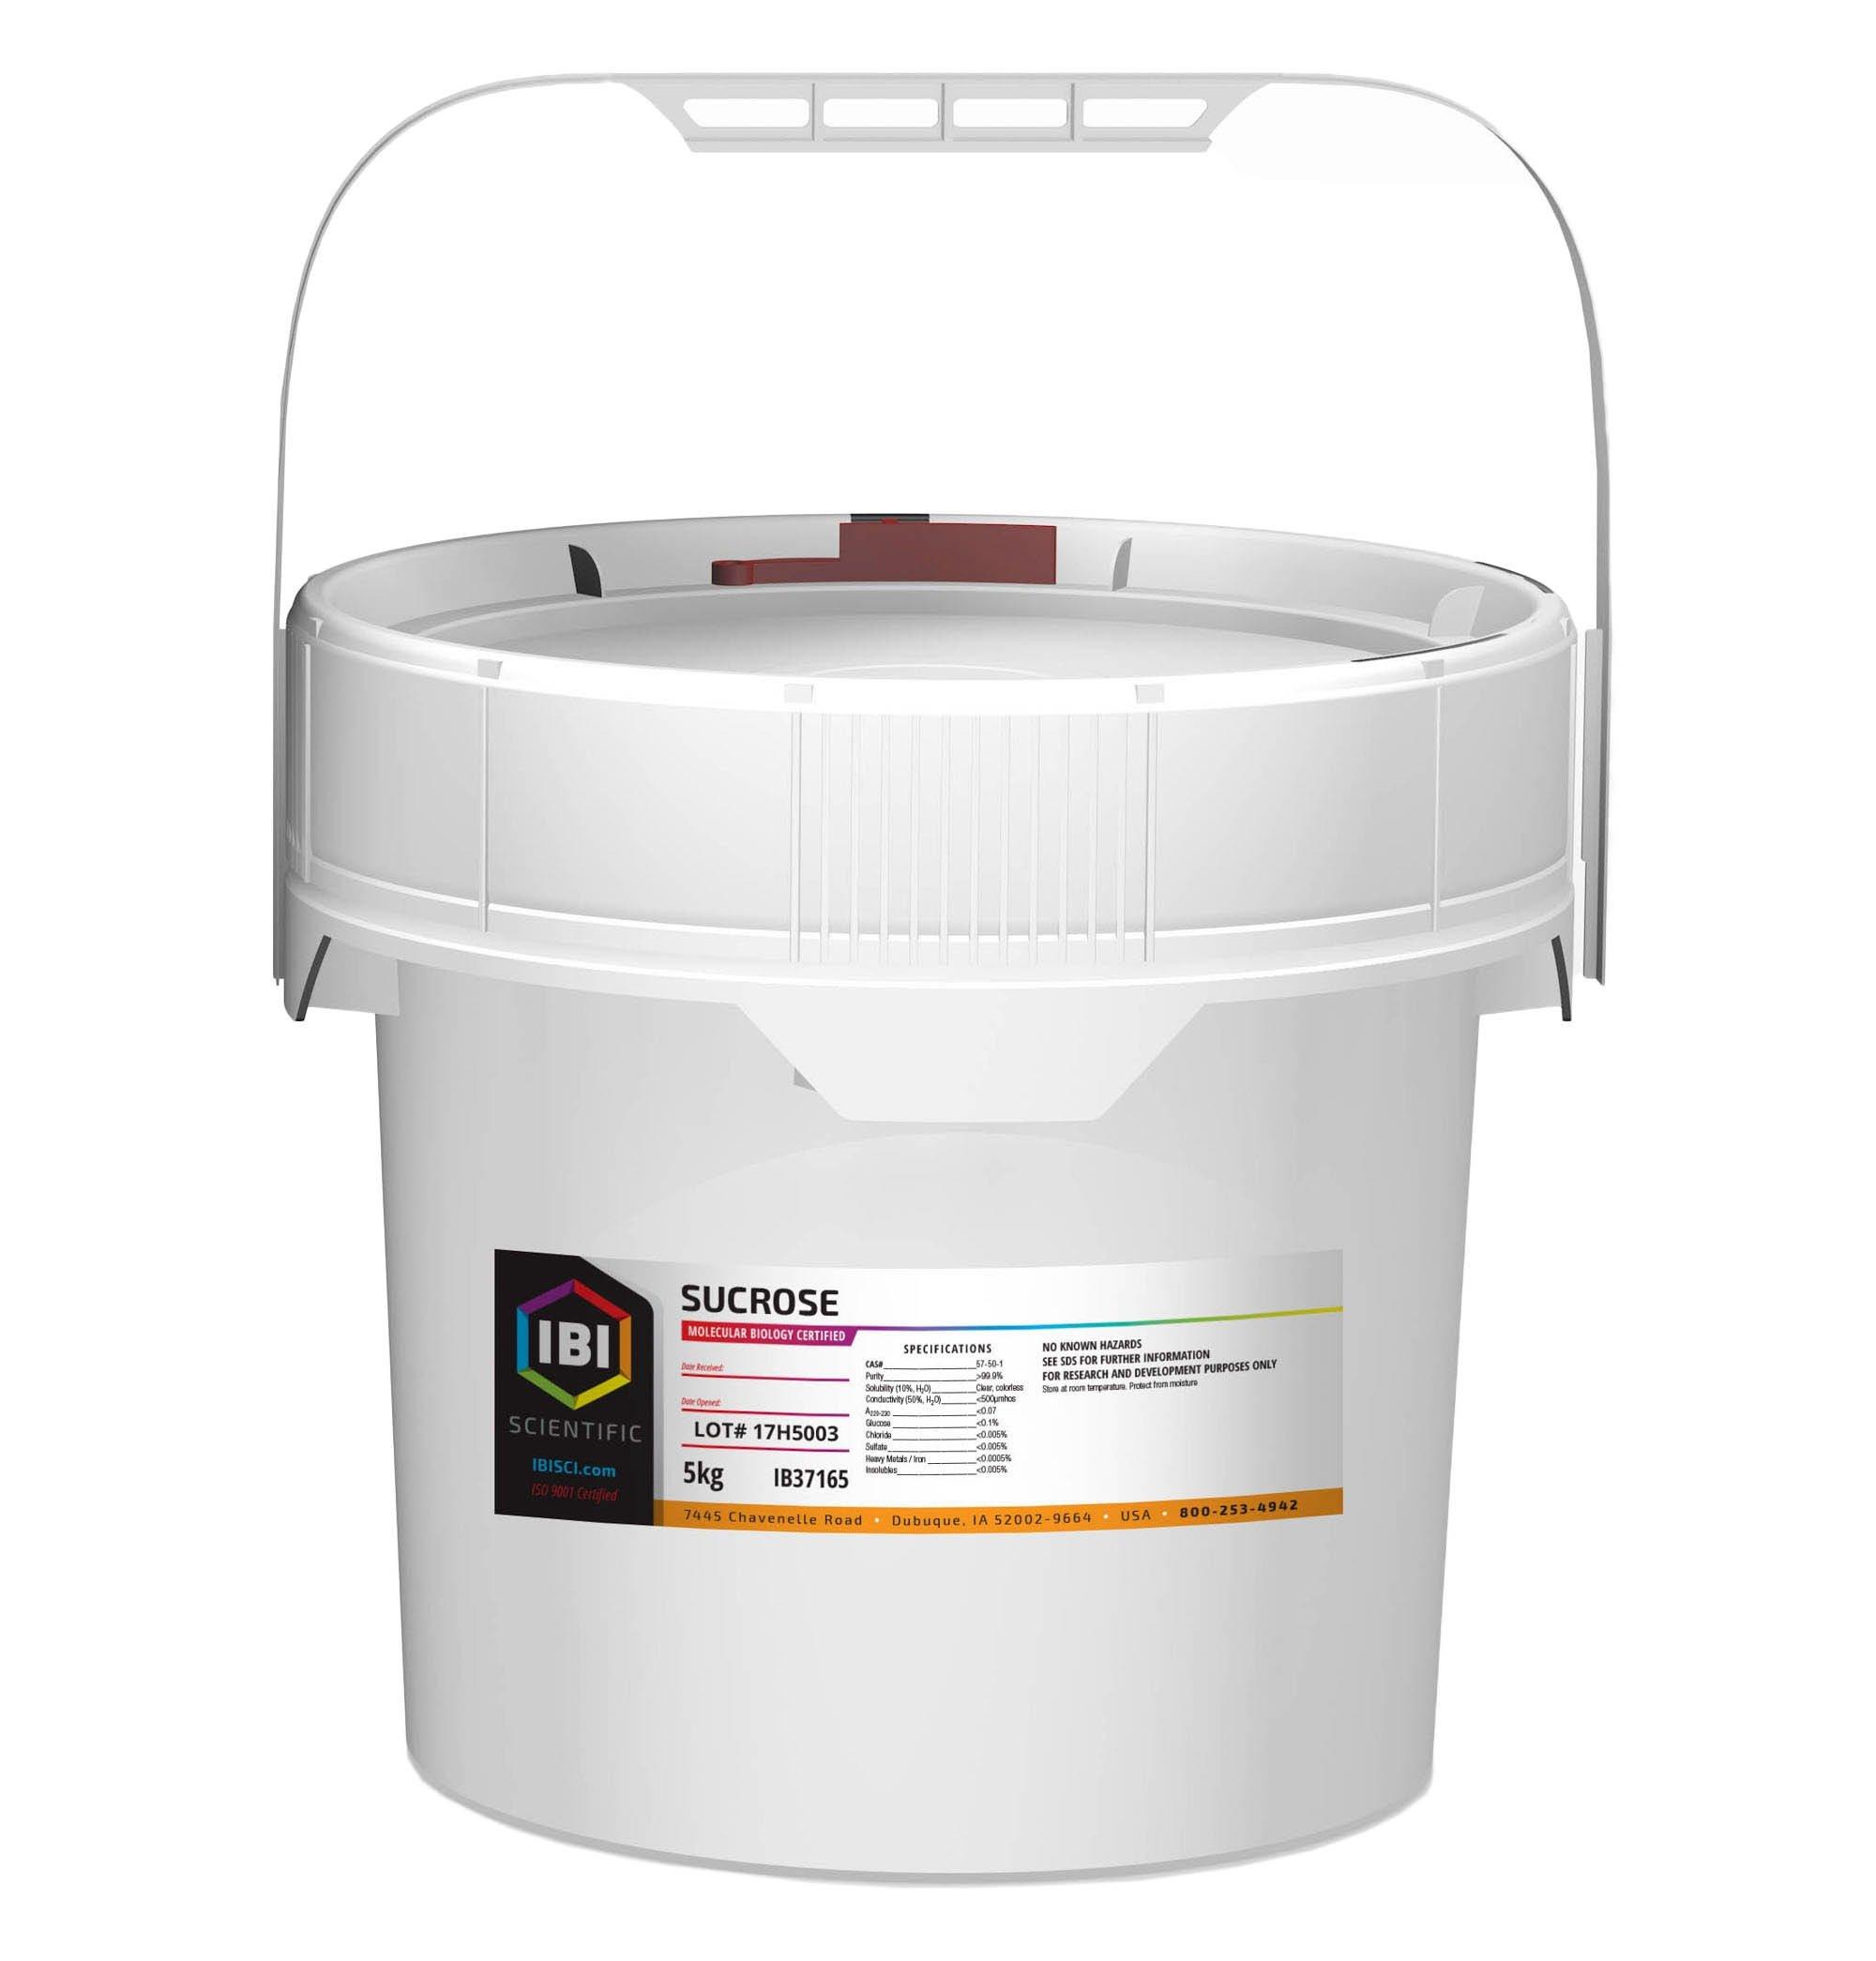 IBI Sucrose - 5kg